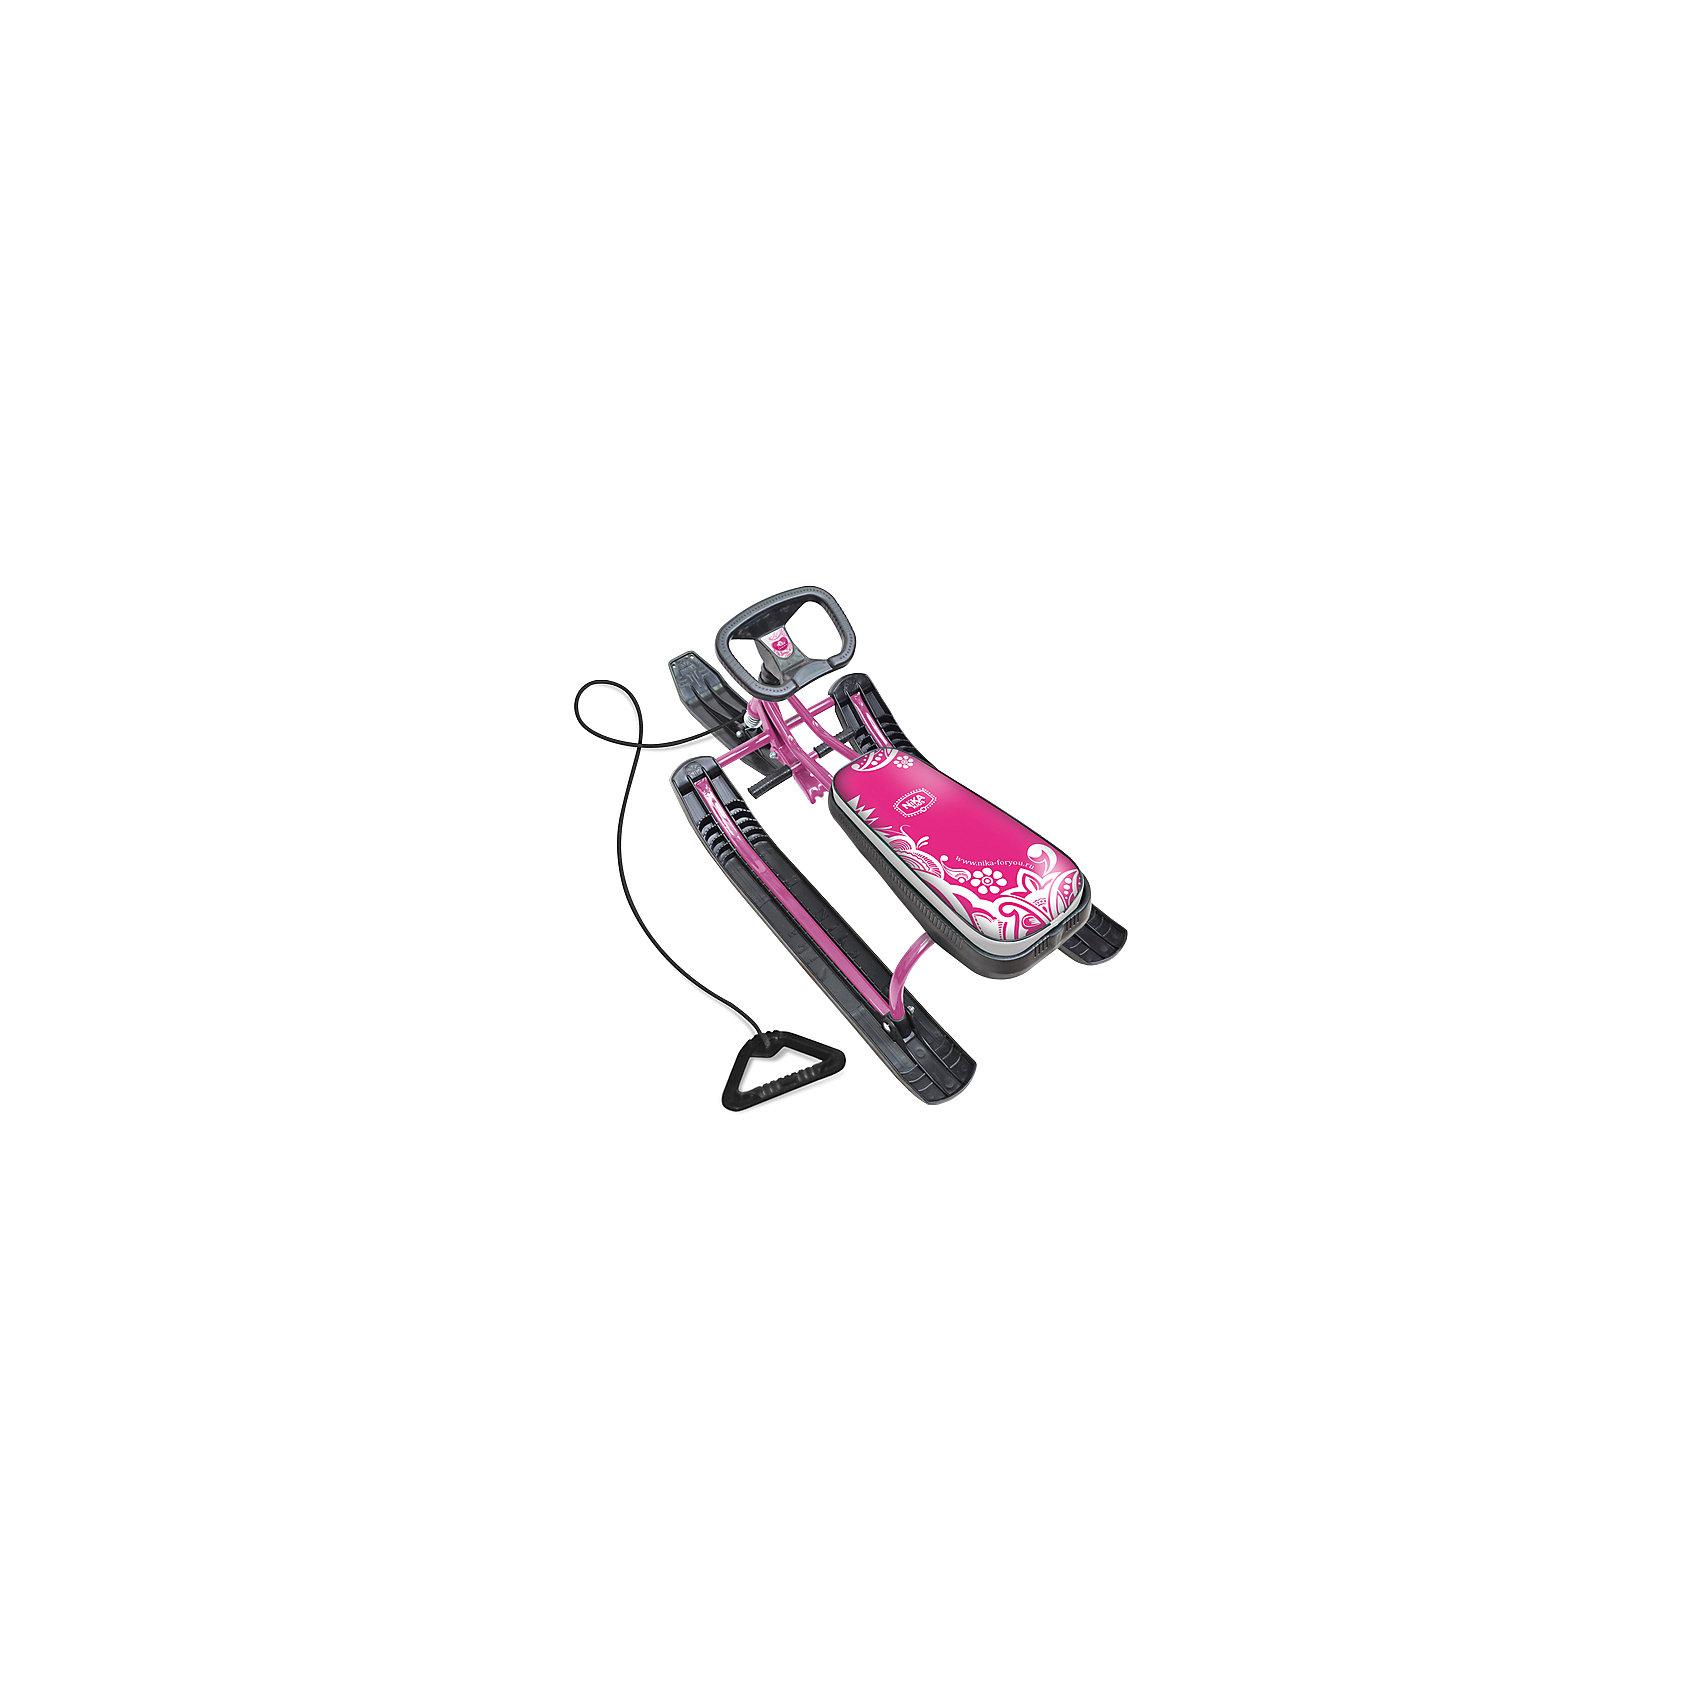 Снегокат Тимка спорт1: Пинк, НикаСнегокат Тимка спорт1: Пинк, Ника, обеспечит веселое и комфортное катание ребенку во время зимних прогулок. Снегокат рассчитан на девочек и имеет яркий стильный дизайн и розовую расцветку с растительным узором, отличается хорошей устойчивостью на склонах и простотой в управлении. Имеет сварную конструкцию из стальных труб. Оснащен удлиненным мягким сиденьем, улучшенным широким тормозом и поворотным спортивным рулем. Амортизатор на передней лыже смягчает удары и неровности дороги. Имеется буксировочный трос. Ноги ребенок<br>может поставить на педали или на ободки, к которым присоединены лыжи. Динамическая форма и широкие лыжи из морозоустойчивого пластика обеспечивают скоростное катание и прекрасное скольжение по снежному покрову. Для детей 7-12 лет, максимальная нагрузка -100 кг.<br><br>Дополнительная информация:<br><br>- Материал: металл, пластик.<br>- Высота до сиденья: 38 см.<br>- Высота рамы: 54 см.<br>- Внешние размеры: 110 х 49 х 54 см.<br>- Вес: 7,2 кг.<br><br>Снегокат Тимка спорт1: Пинк, Ника, можно купить в нашем интернет-магазине.<br><br>Ширина мм: 1100<br>Глубина мм: 370<br>Высота мм: 380<br>Вес г: 5800<br>Возраст от месяцев: 84<br>Возраст до месяцев: 144<br>Пол: Женский<br>Возраст: Детский<br>SKU: 4317146